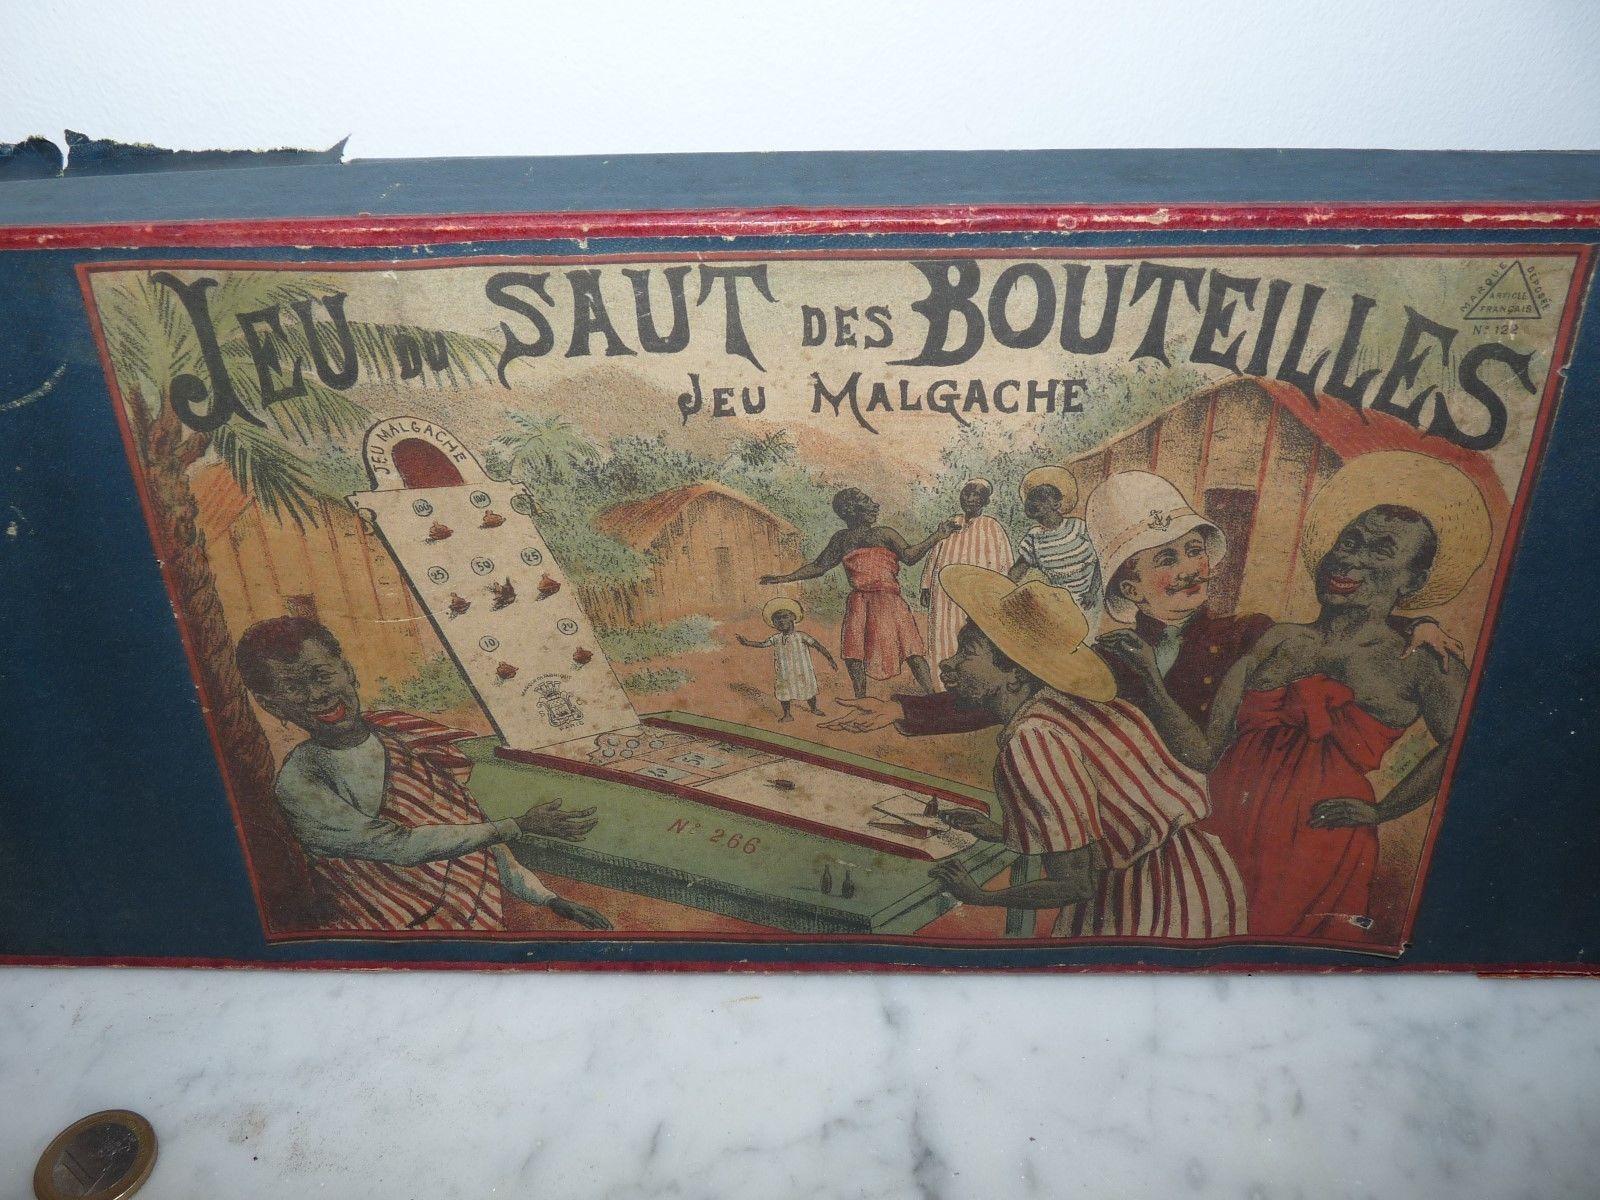 jeu du saut des bouteilles (jeu malgache)